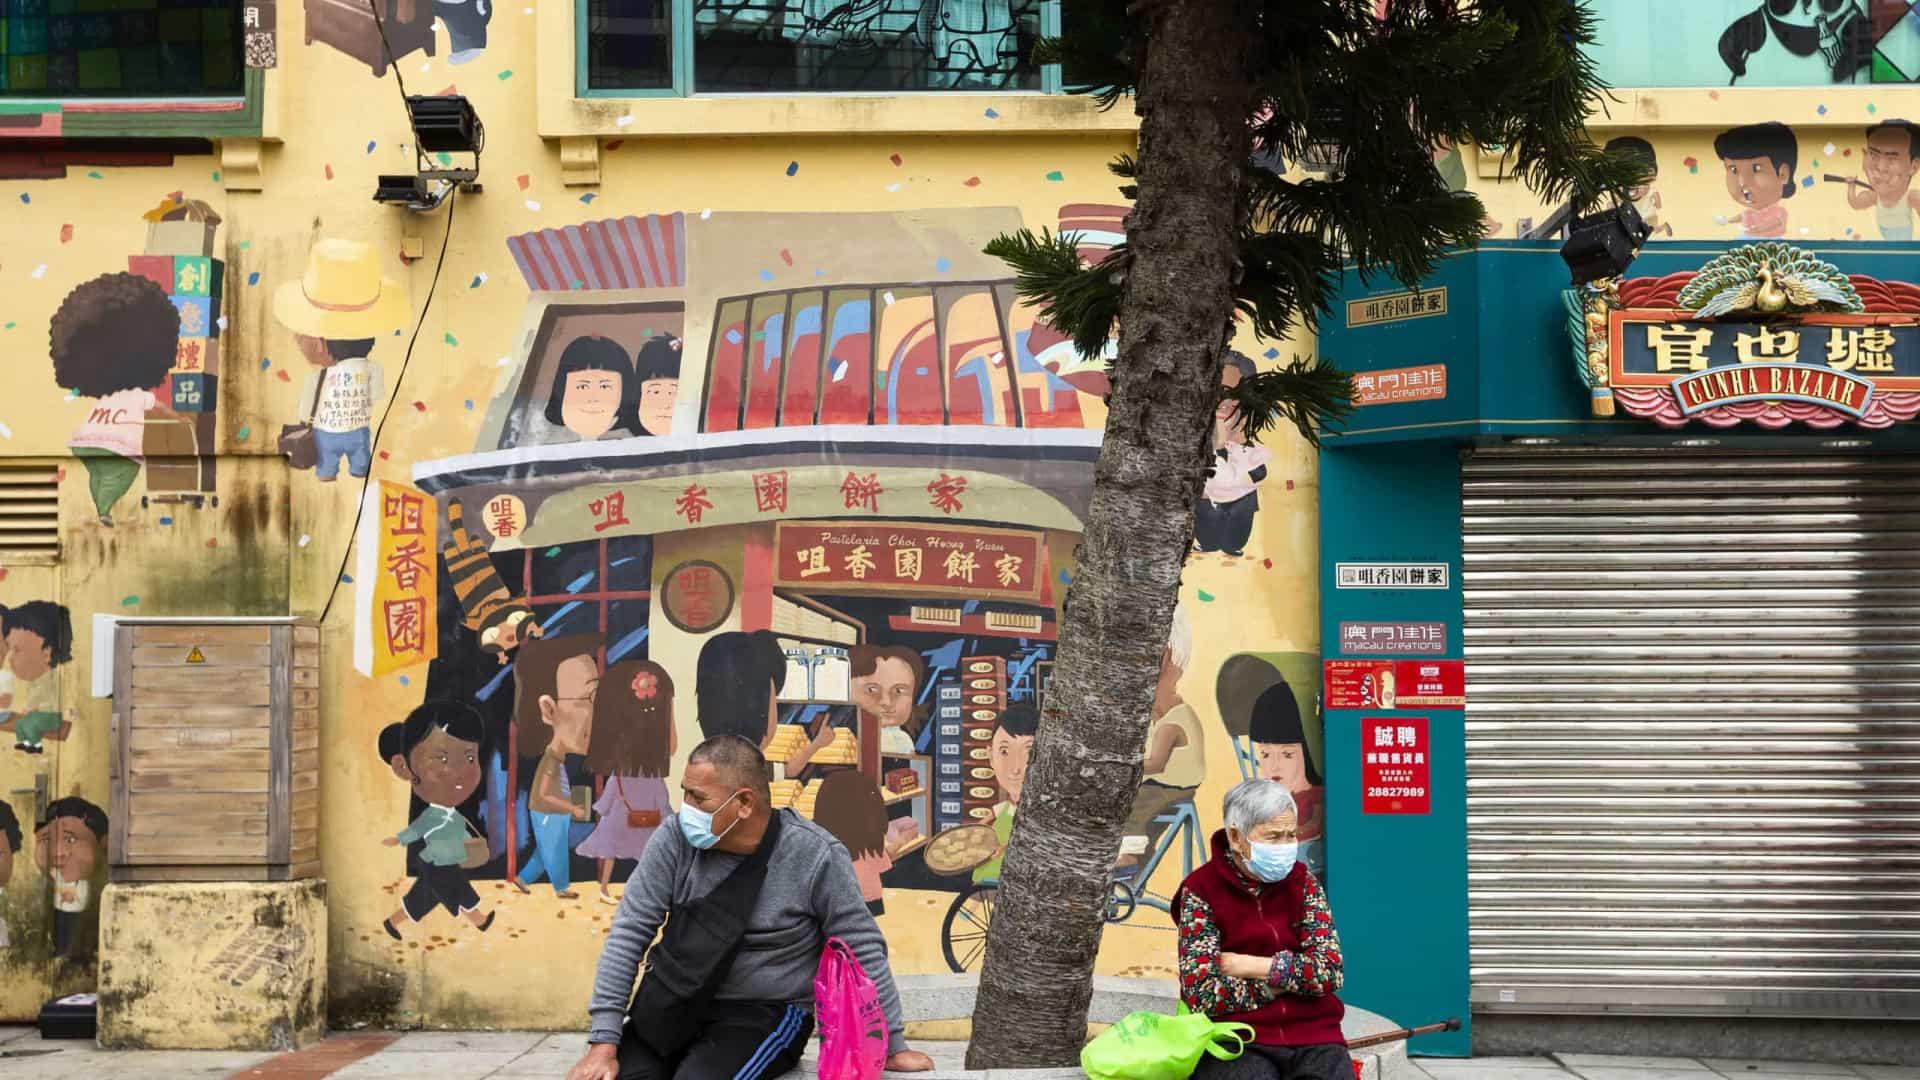 Macau confirma origem de novo surto que levou a testes em massa